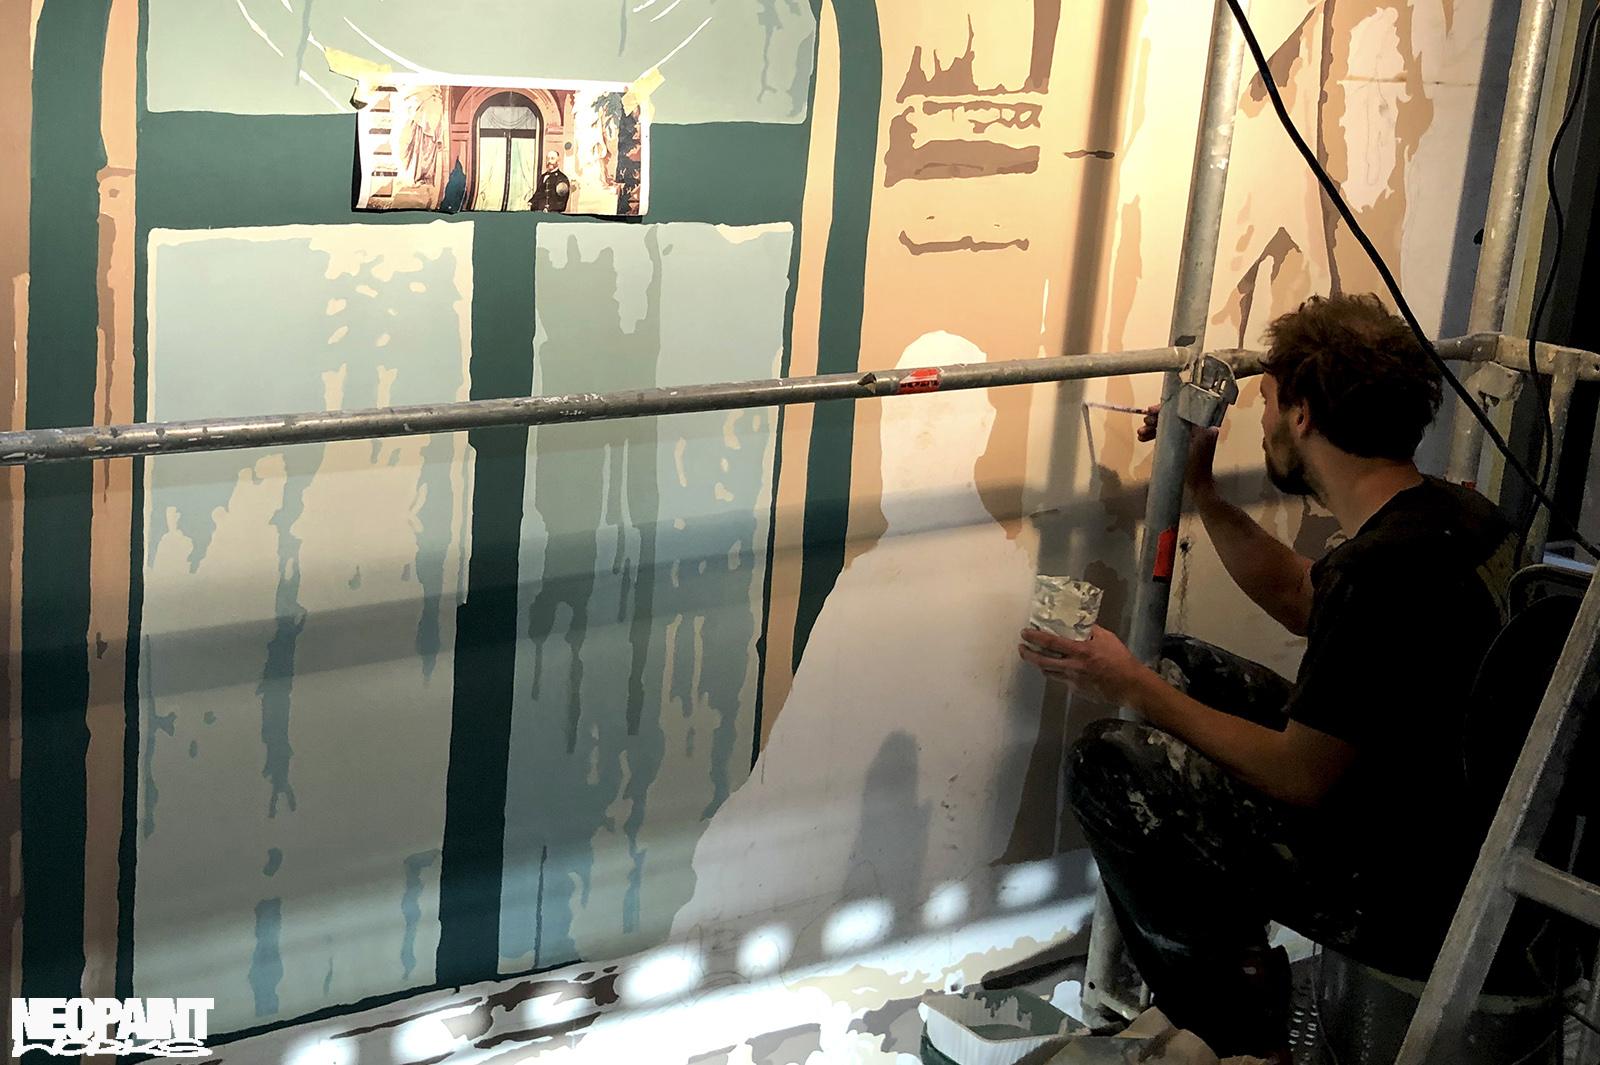 dekorációs falfestmény - weiss manfréd